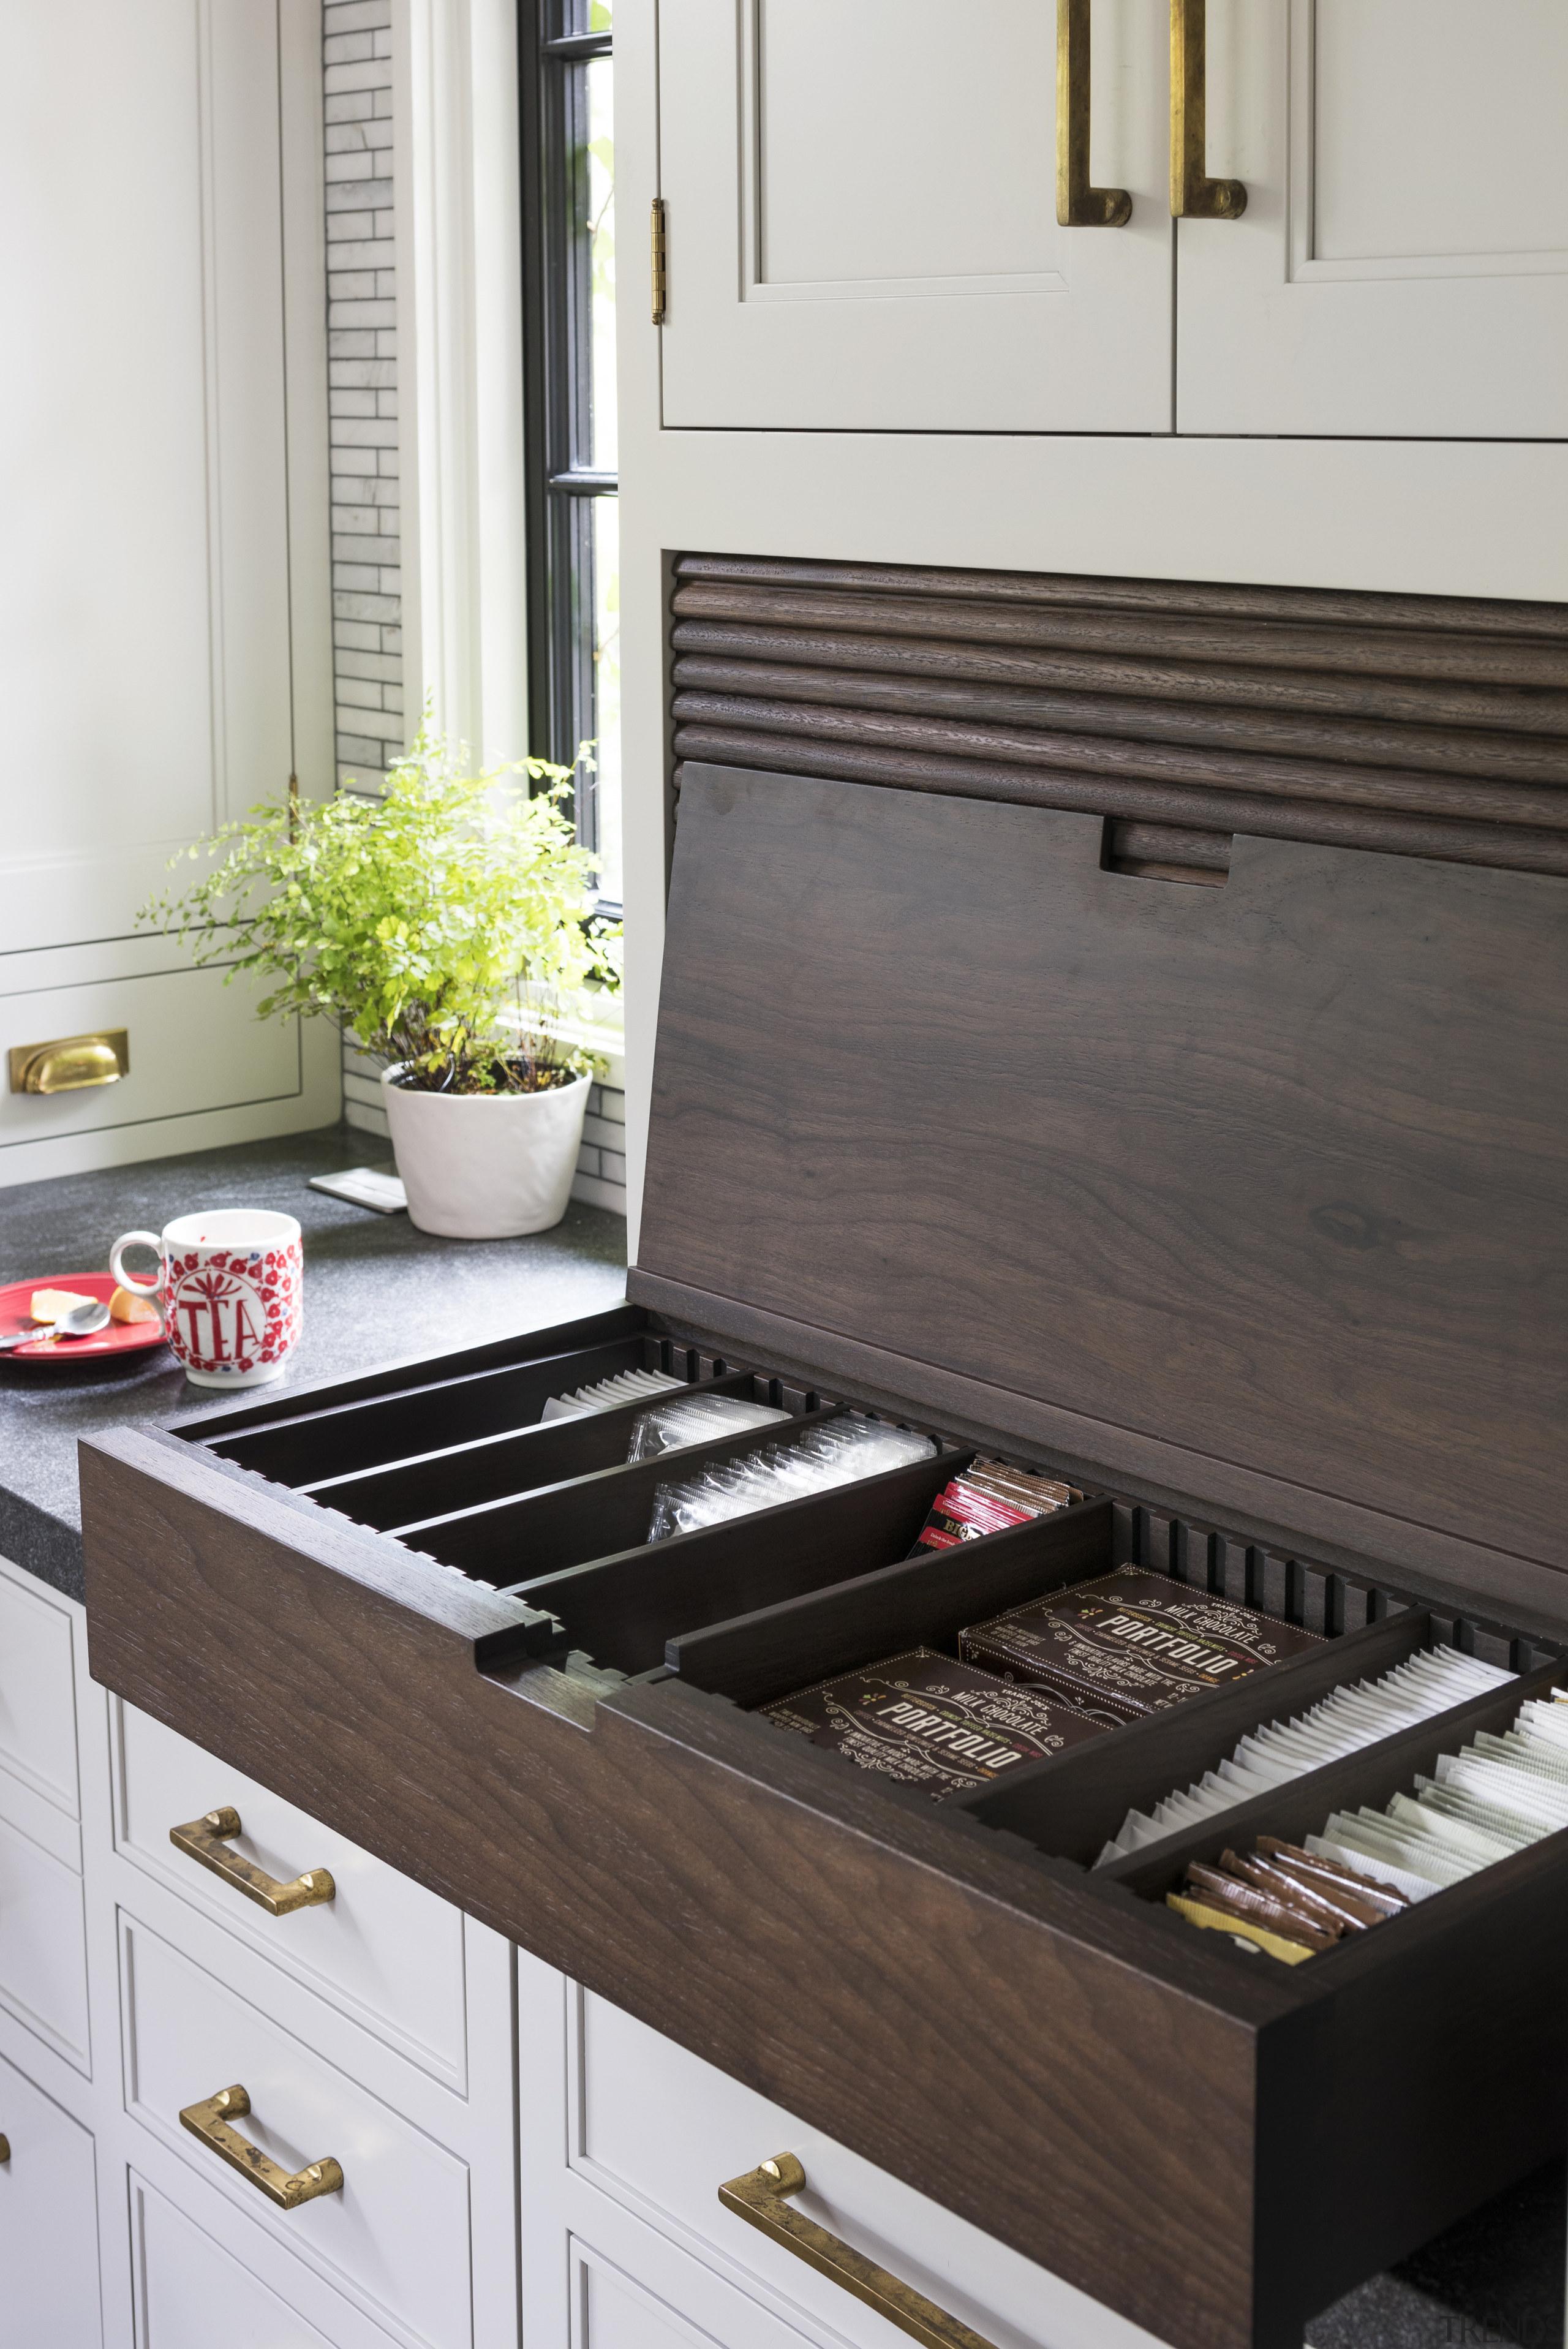 This kitchen features a variety of niche storage cabinetry, drawer, furniture, interior design, kitchen, Studio Dearborne